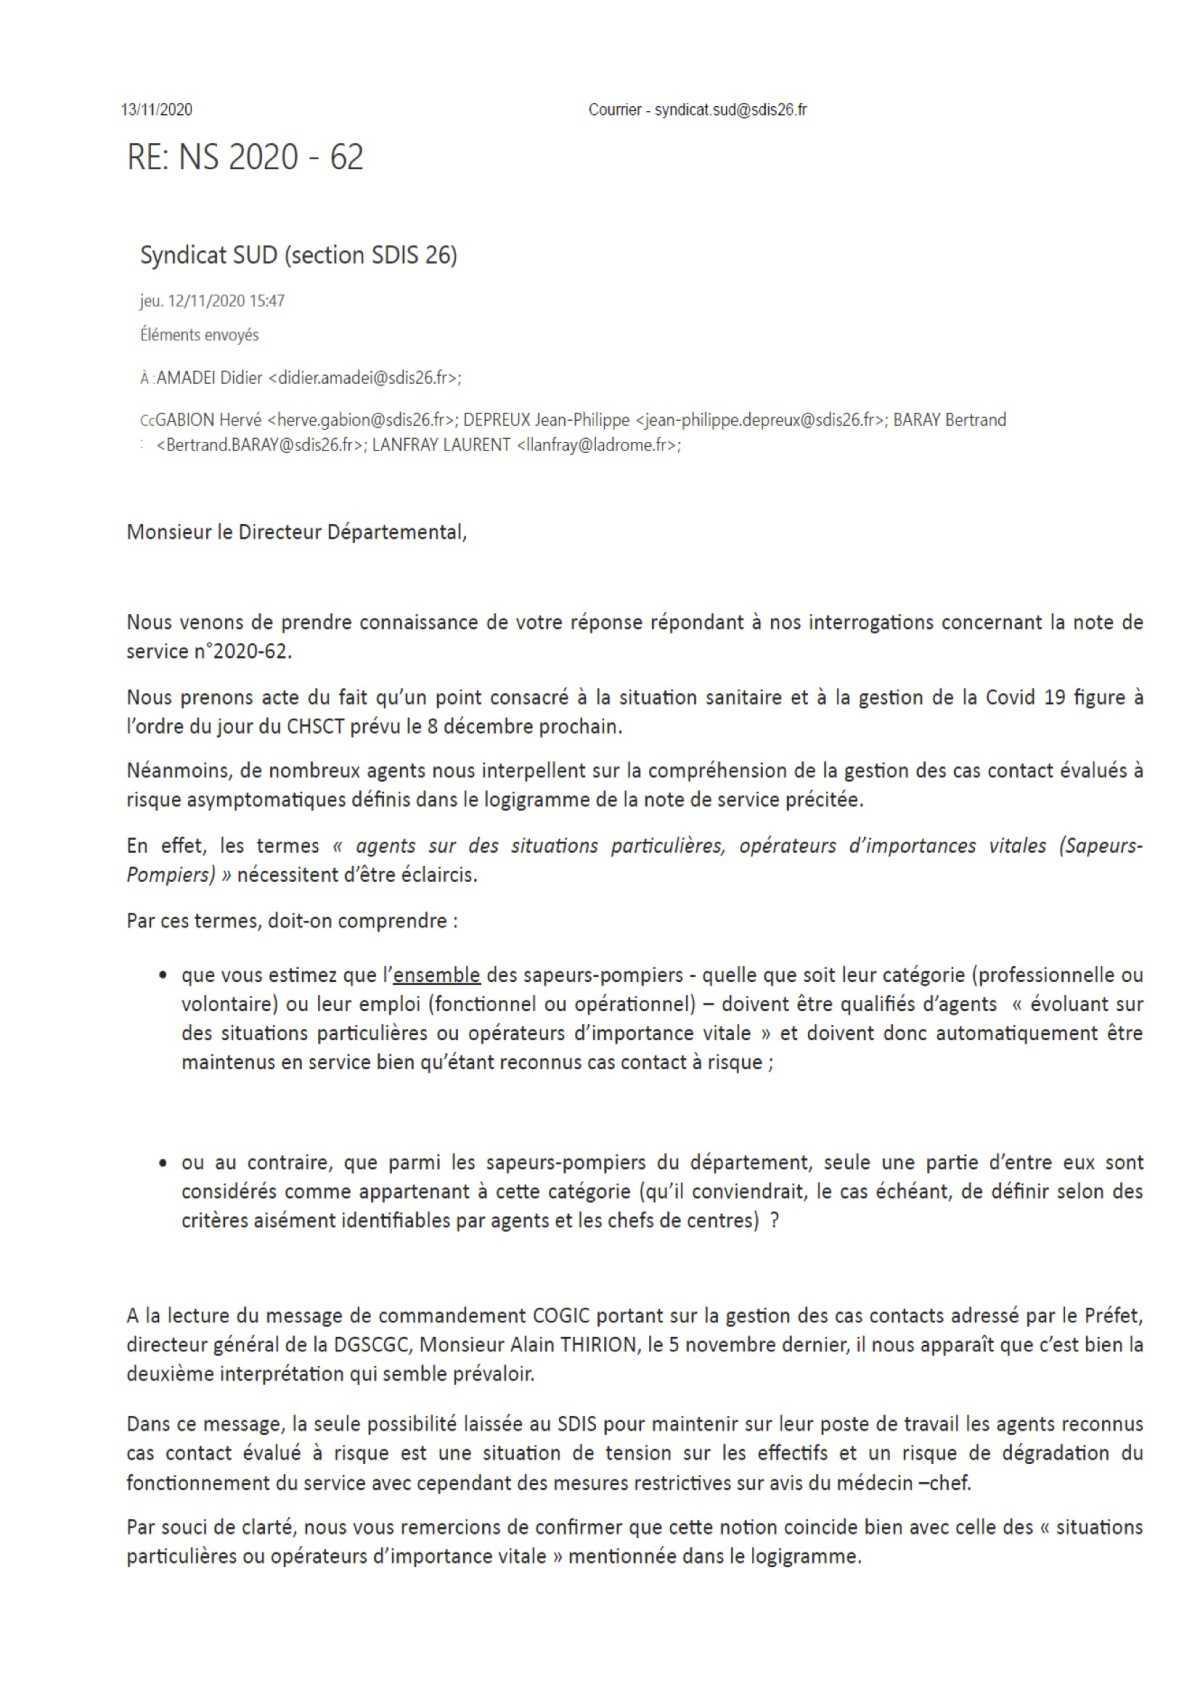 GESTION DES CAS CONTACT AU SEIN DU SDIS 26